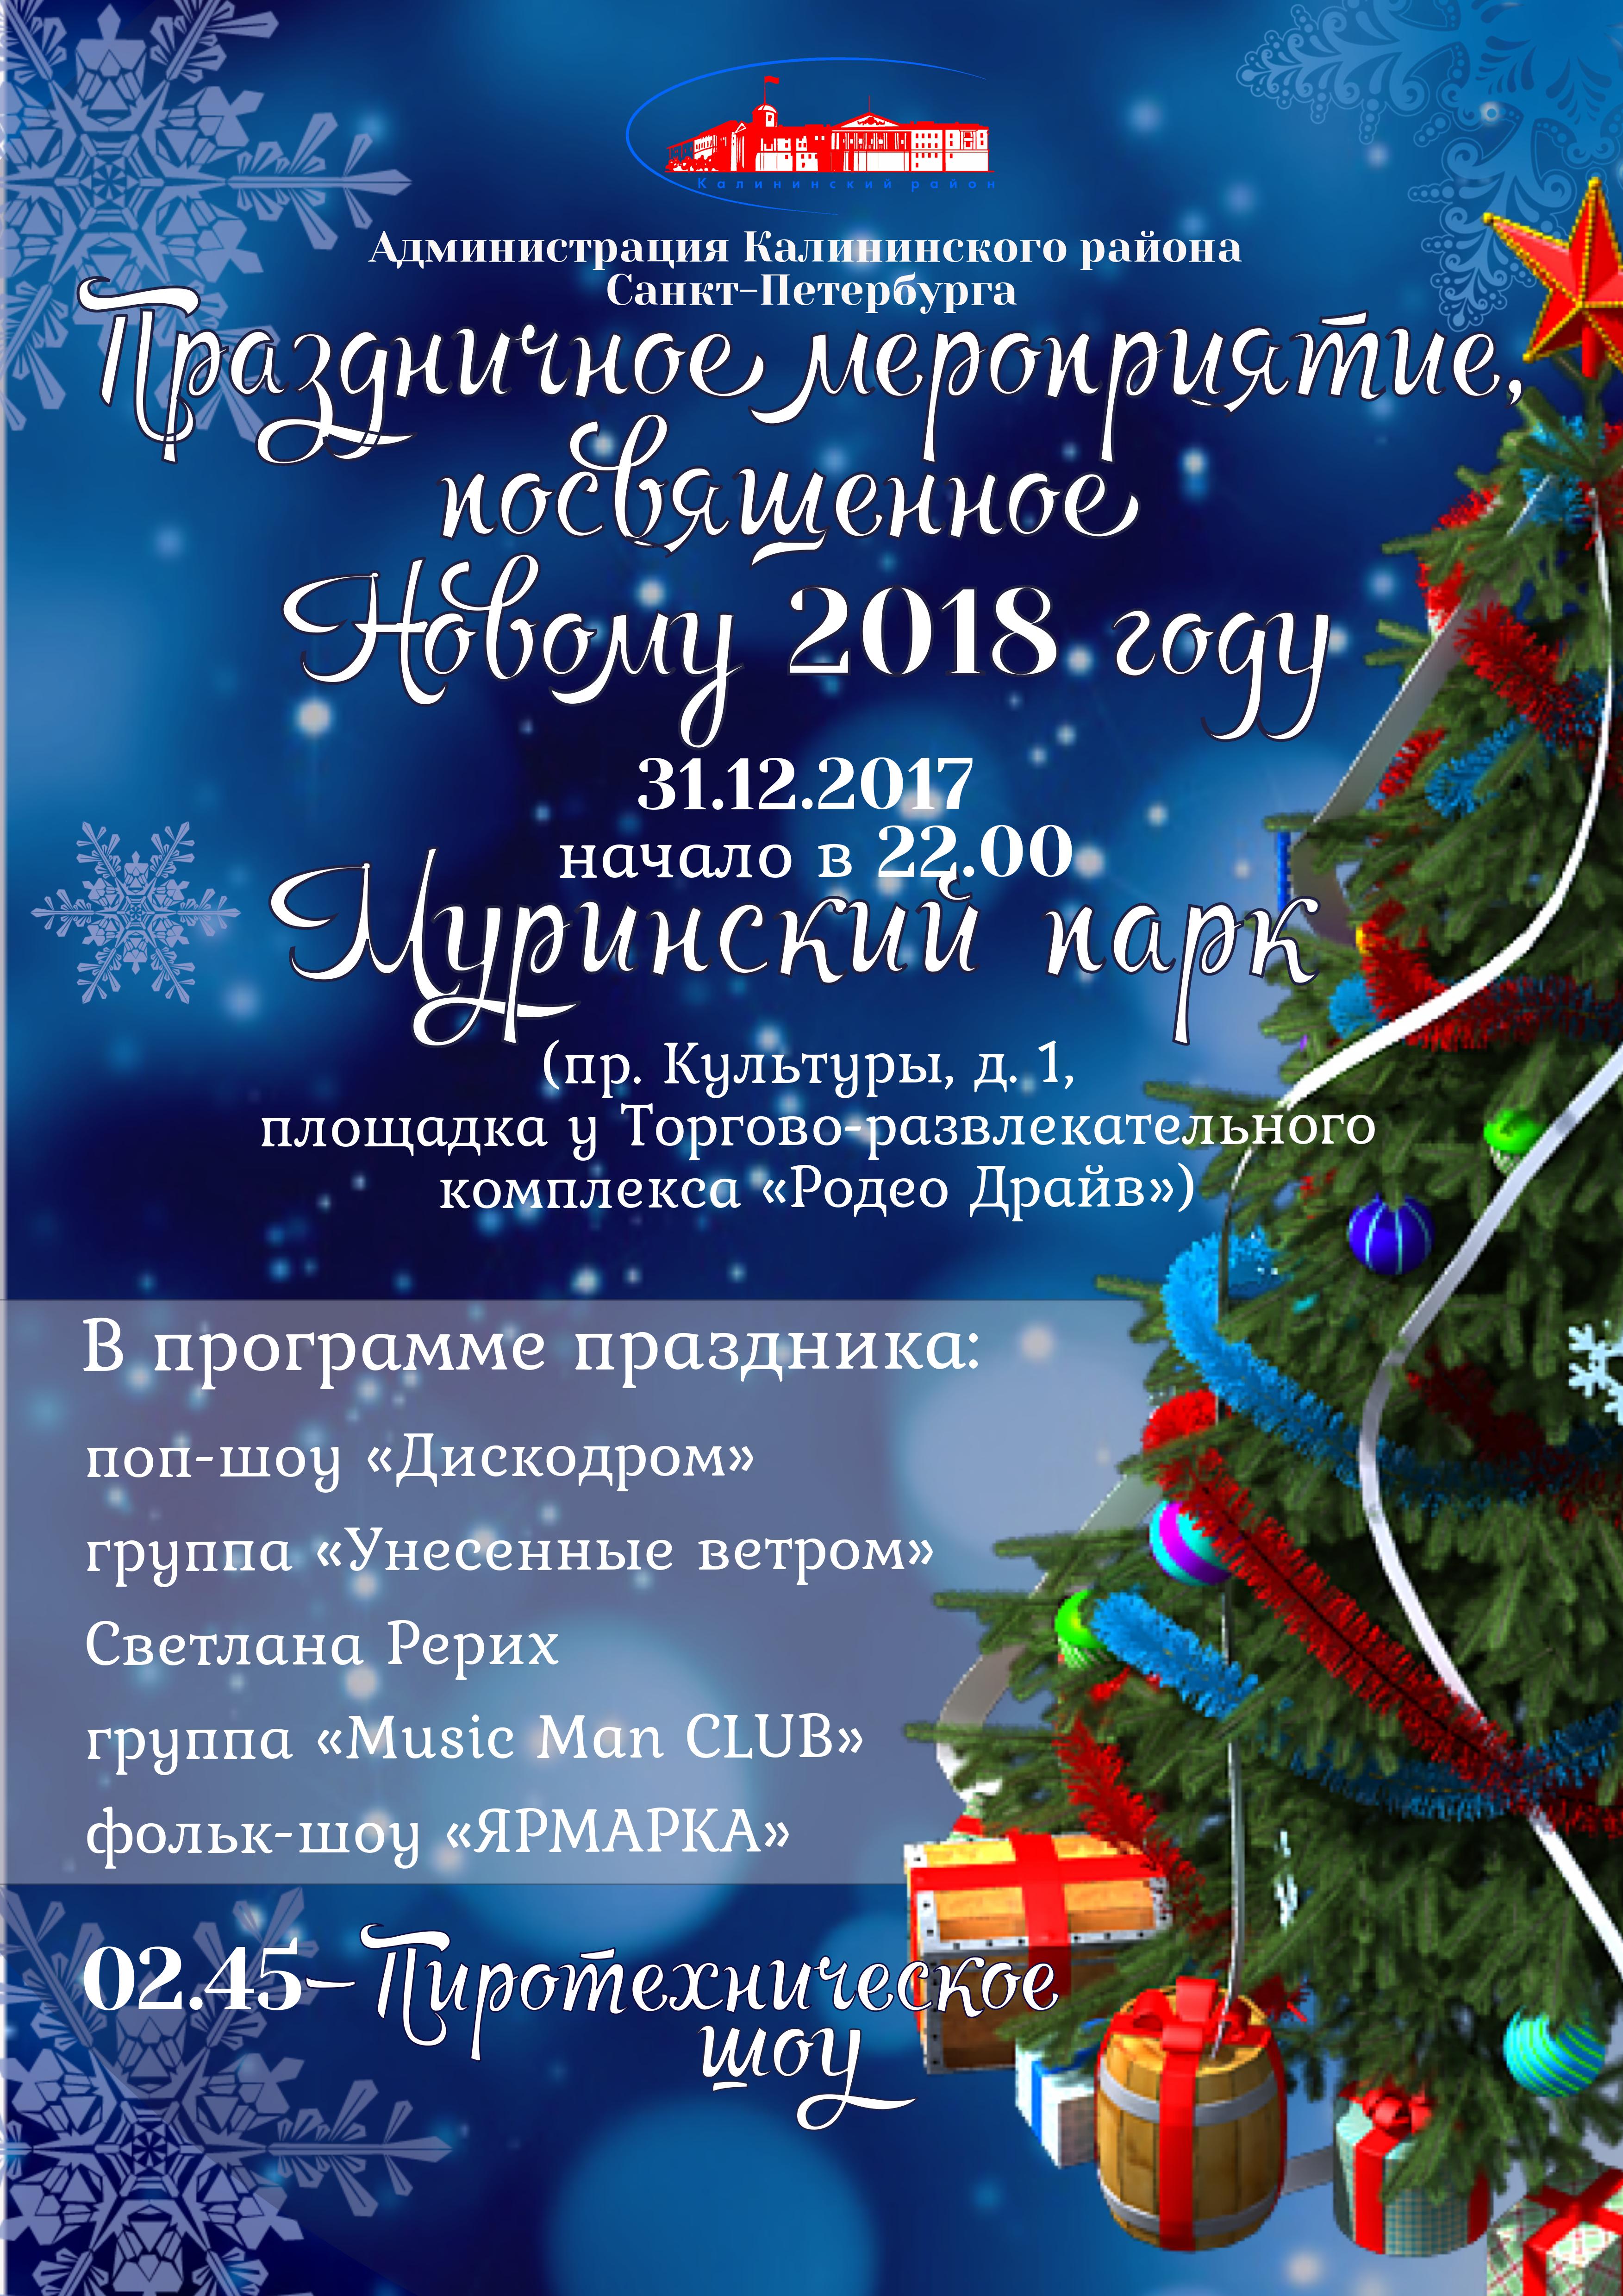 АФИША НОВЫЙ 2018 ГОД